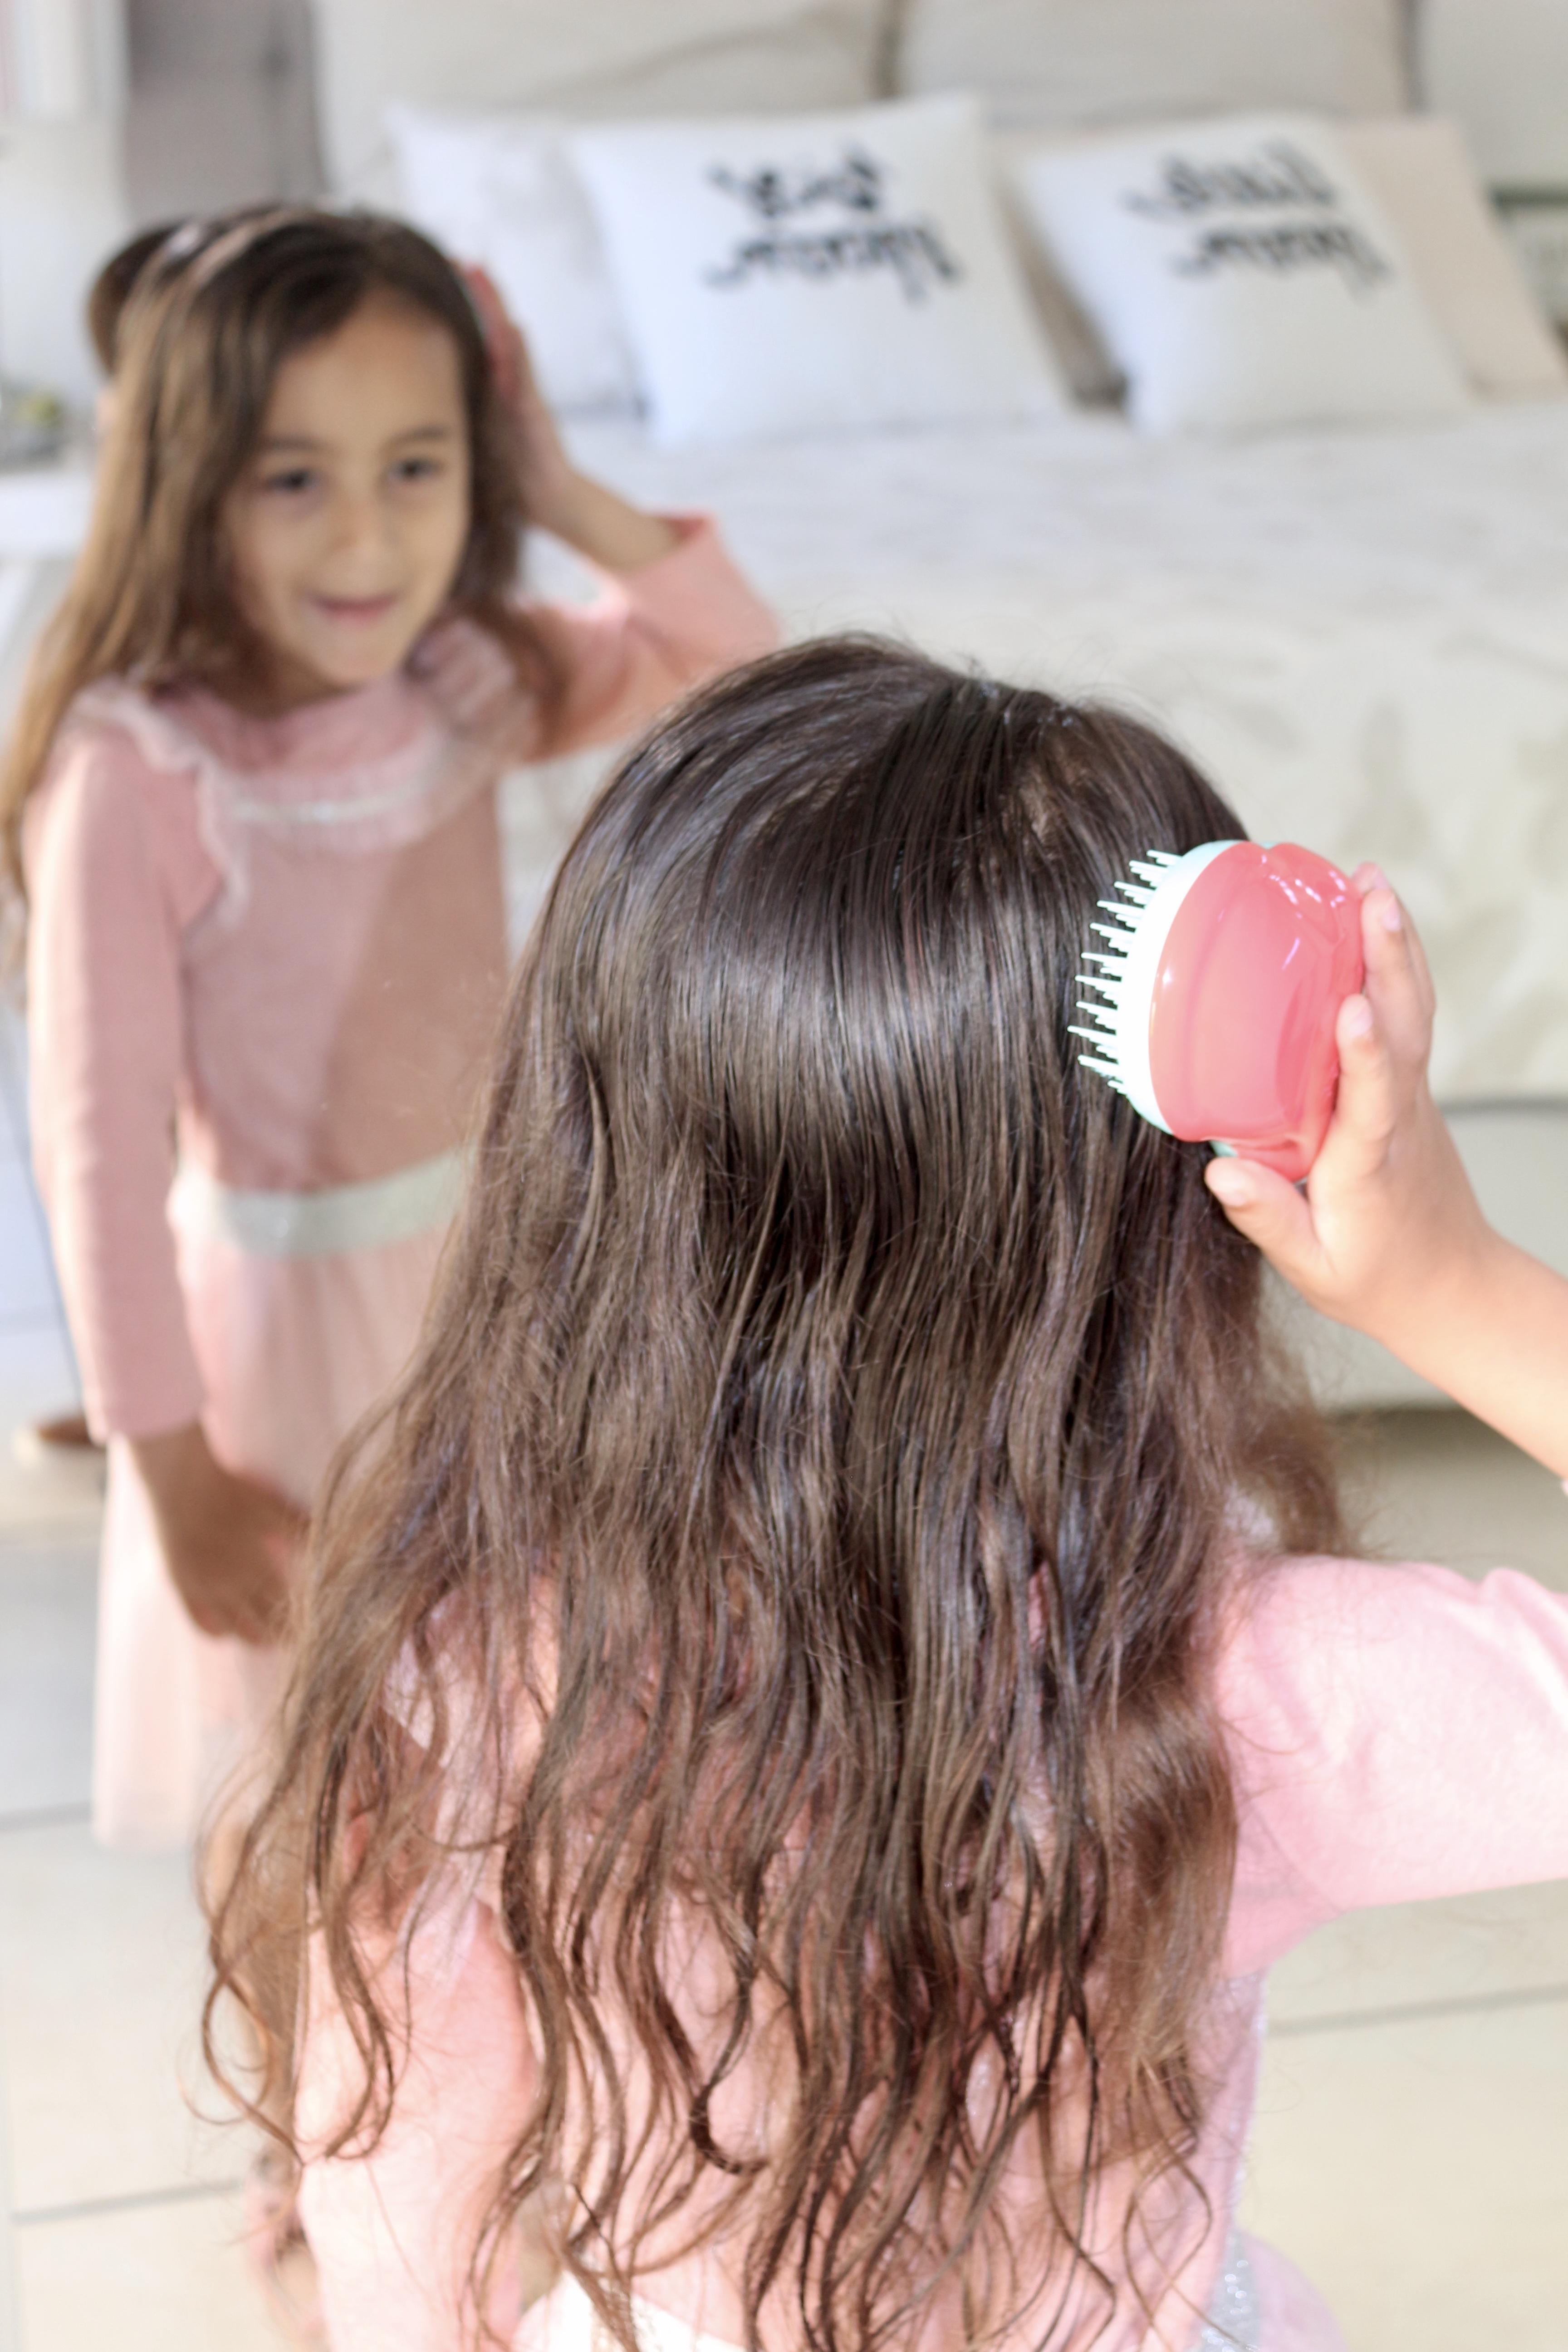 hair brushing battles